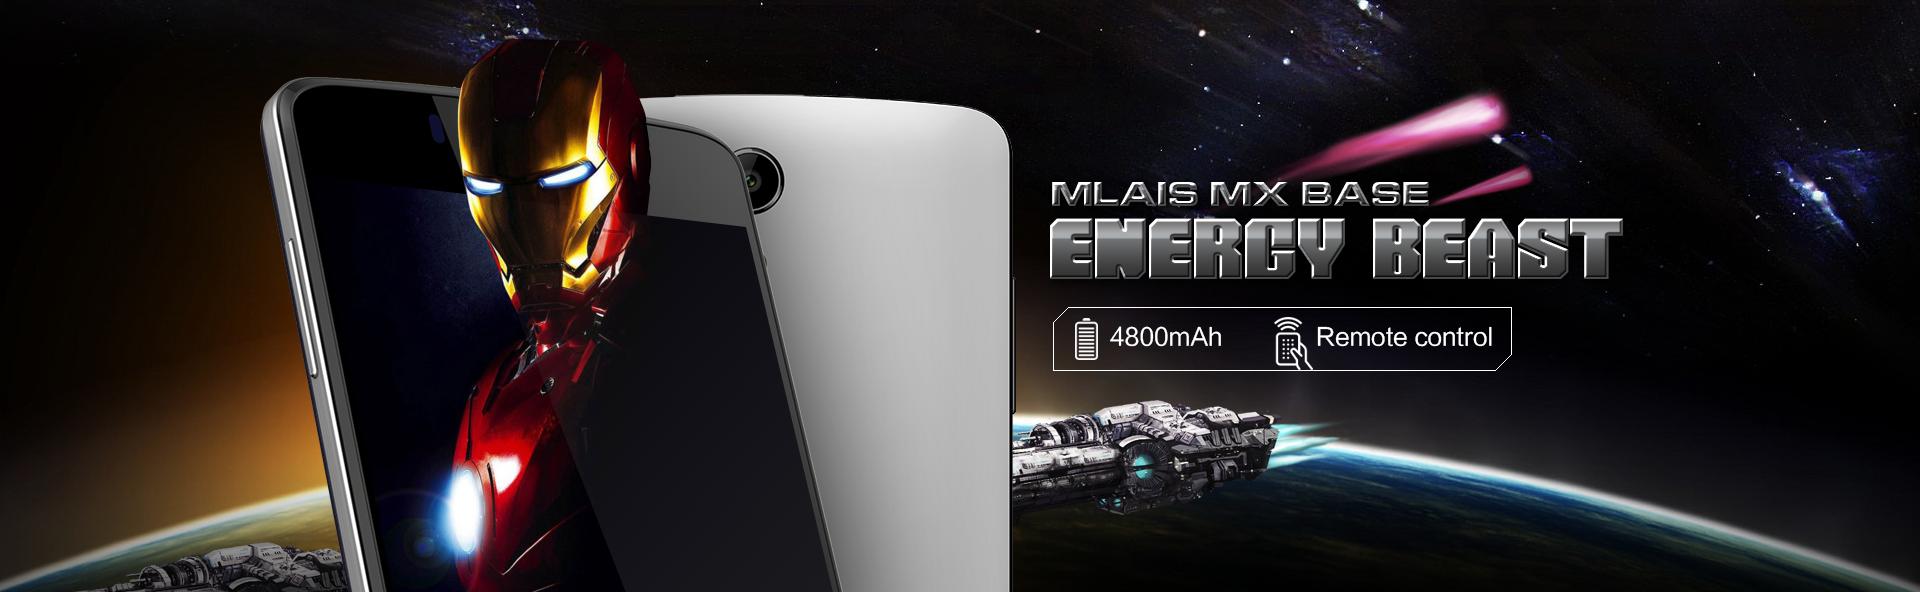 Mlais Mx Base: ¡pedazo batería interminable!